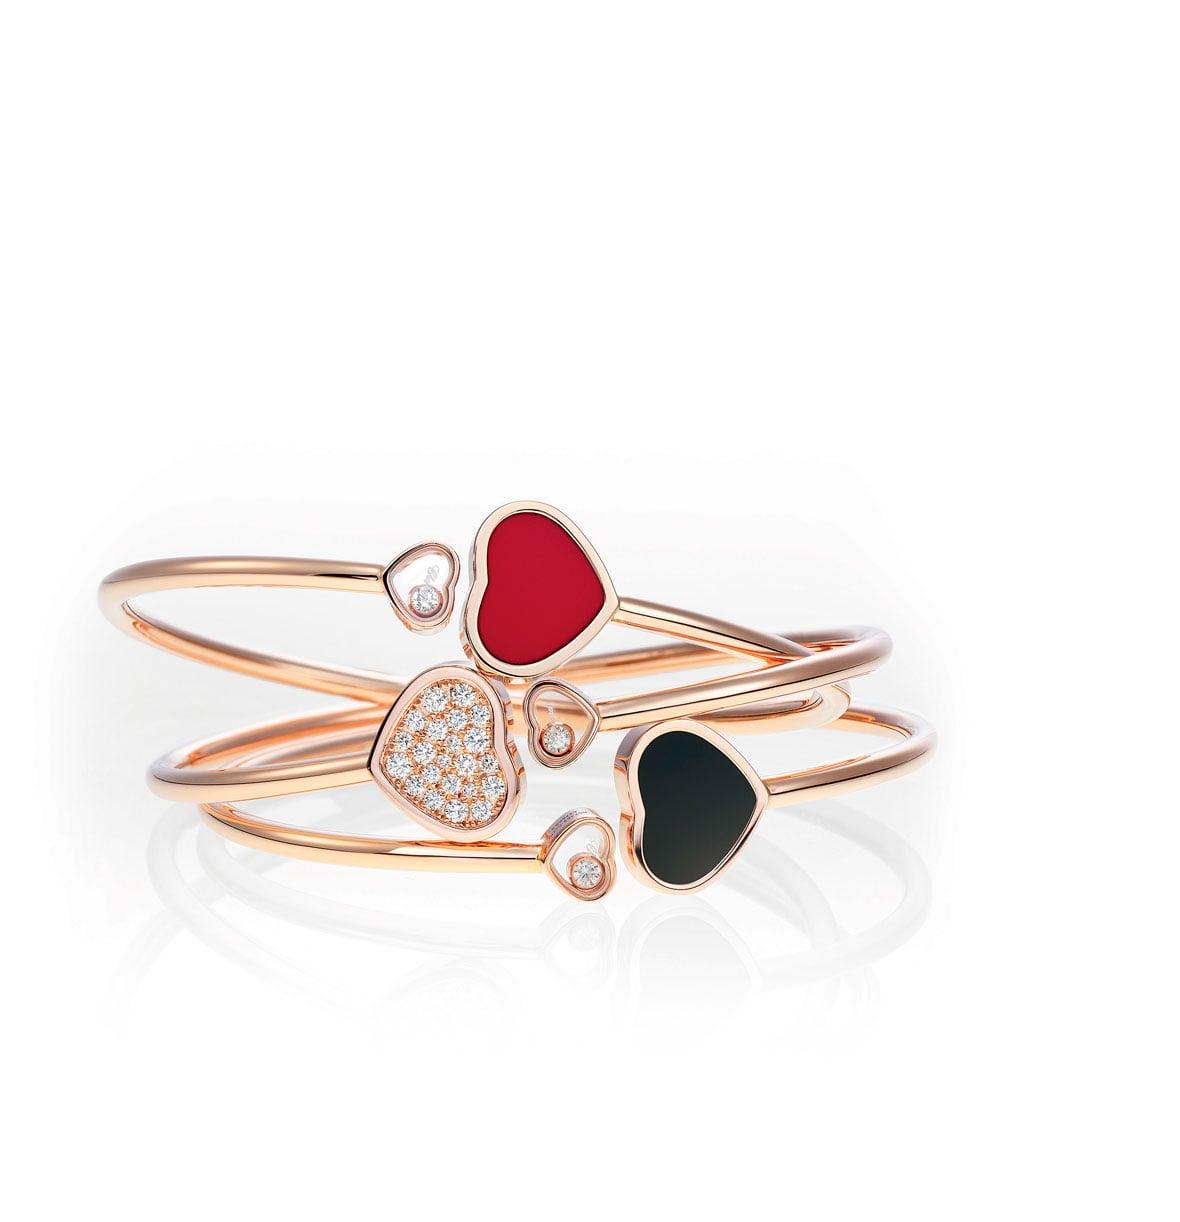 profiter de prix pas cher sélection premium qualité authentique Chopard Bracelet Happy Hearts - Lionel Meylan